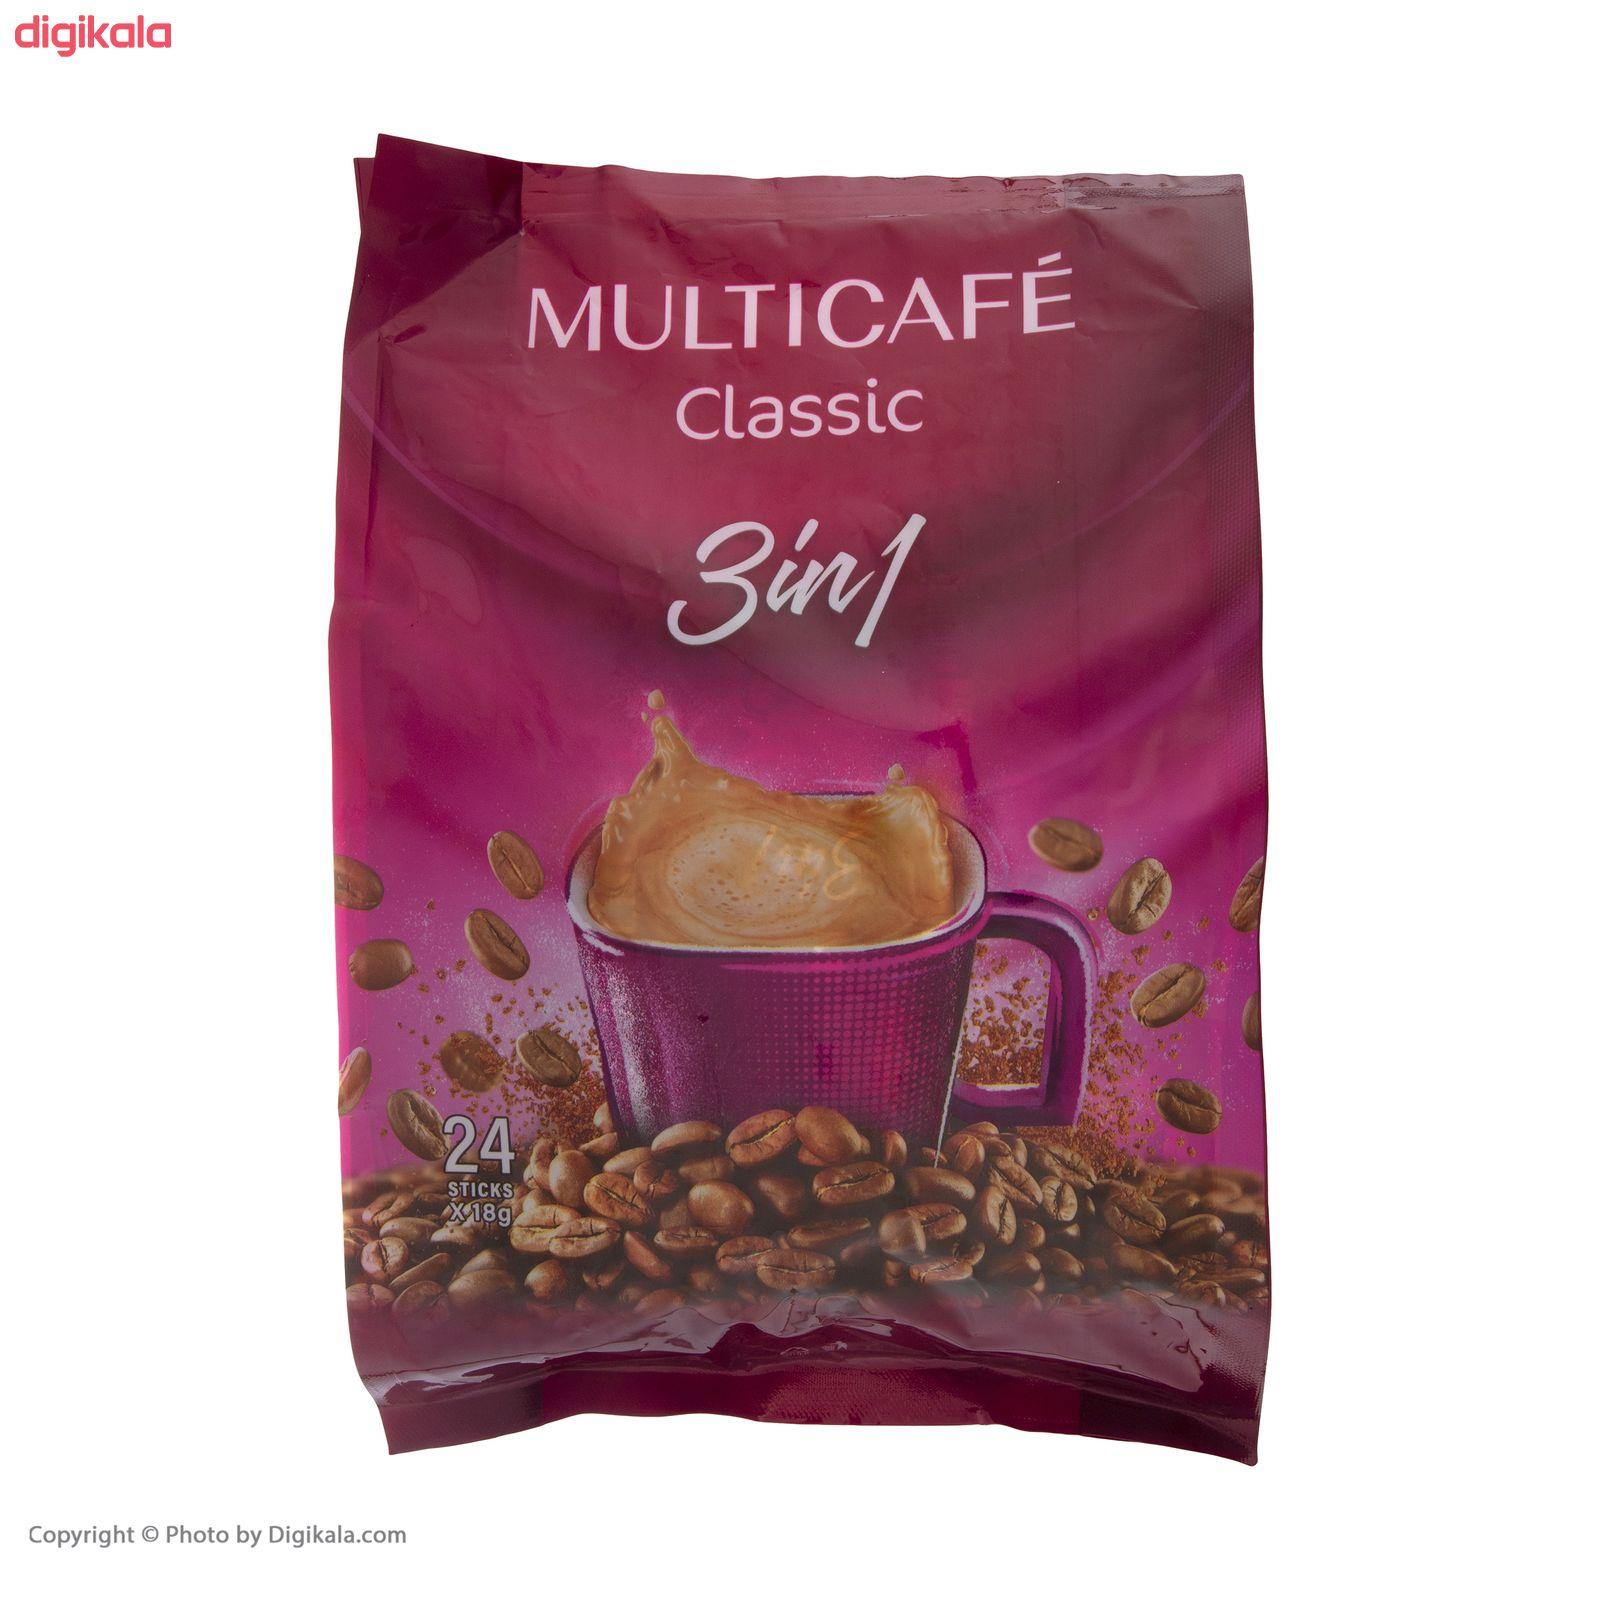 کافی میکس 3 در 1 مولتی کافه - 450 گرم بسته 24 عددی main 1 2